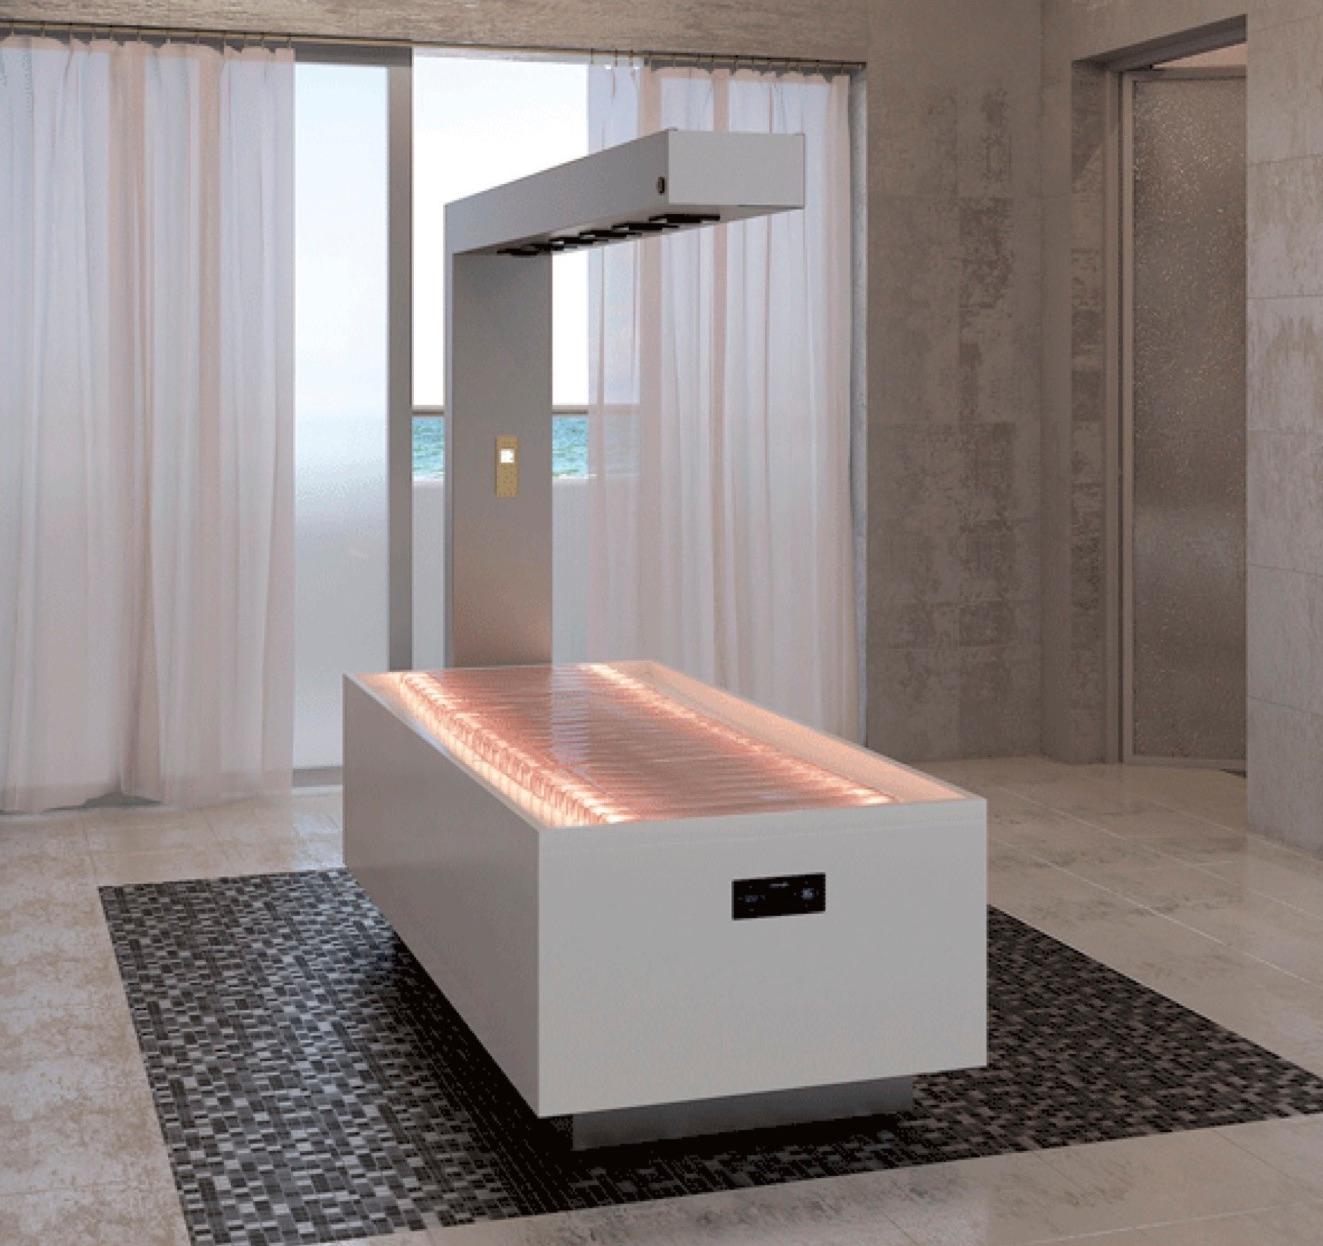 lettino-prestige-shower